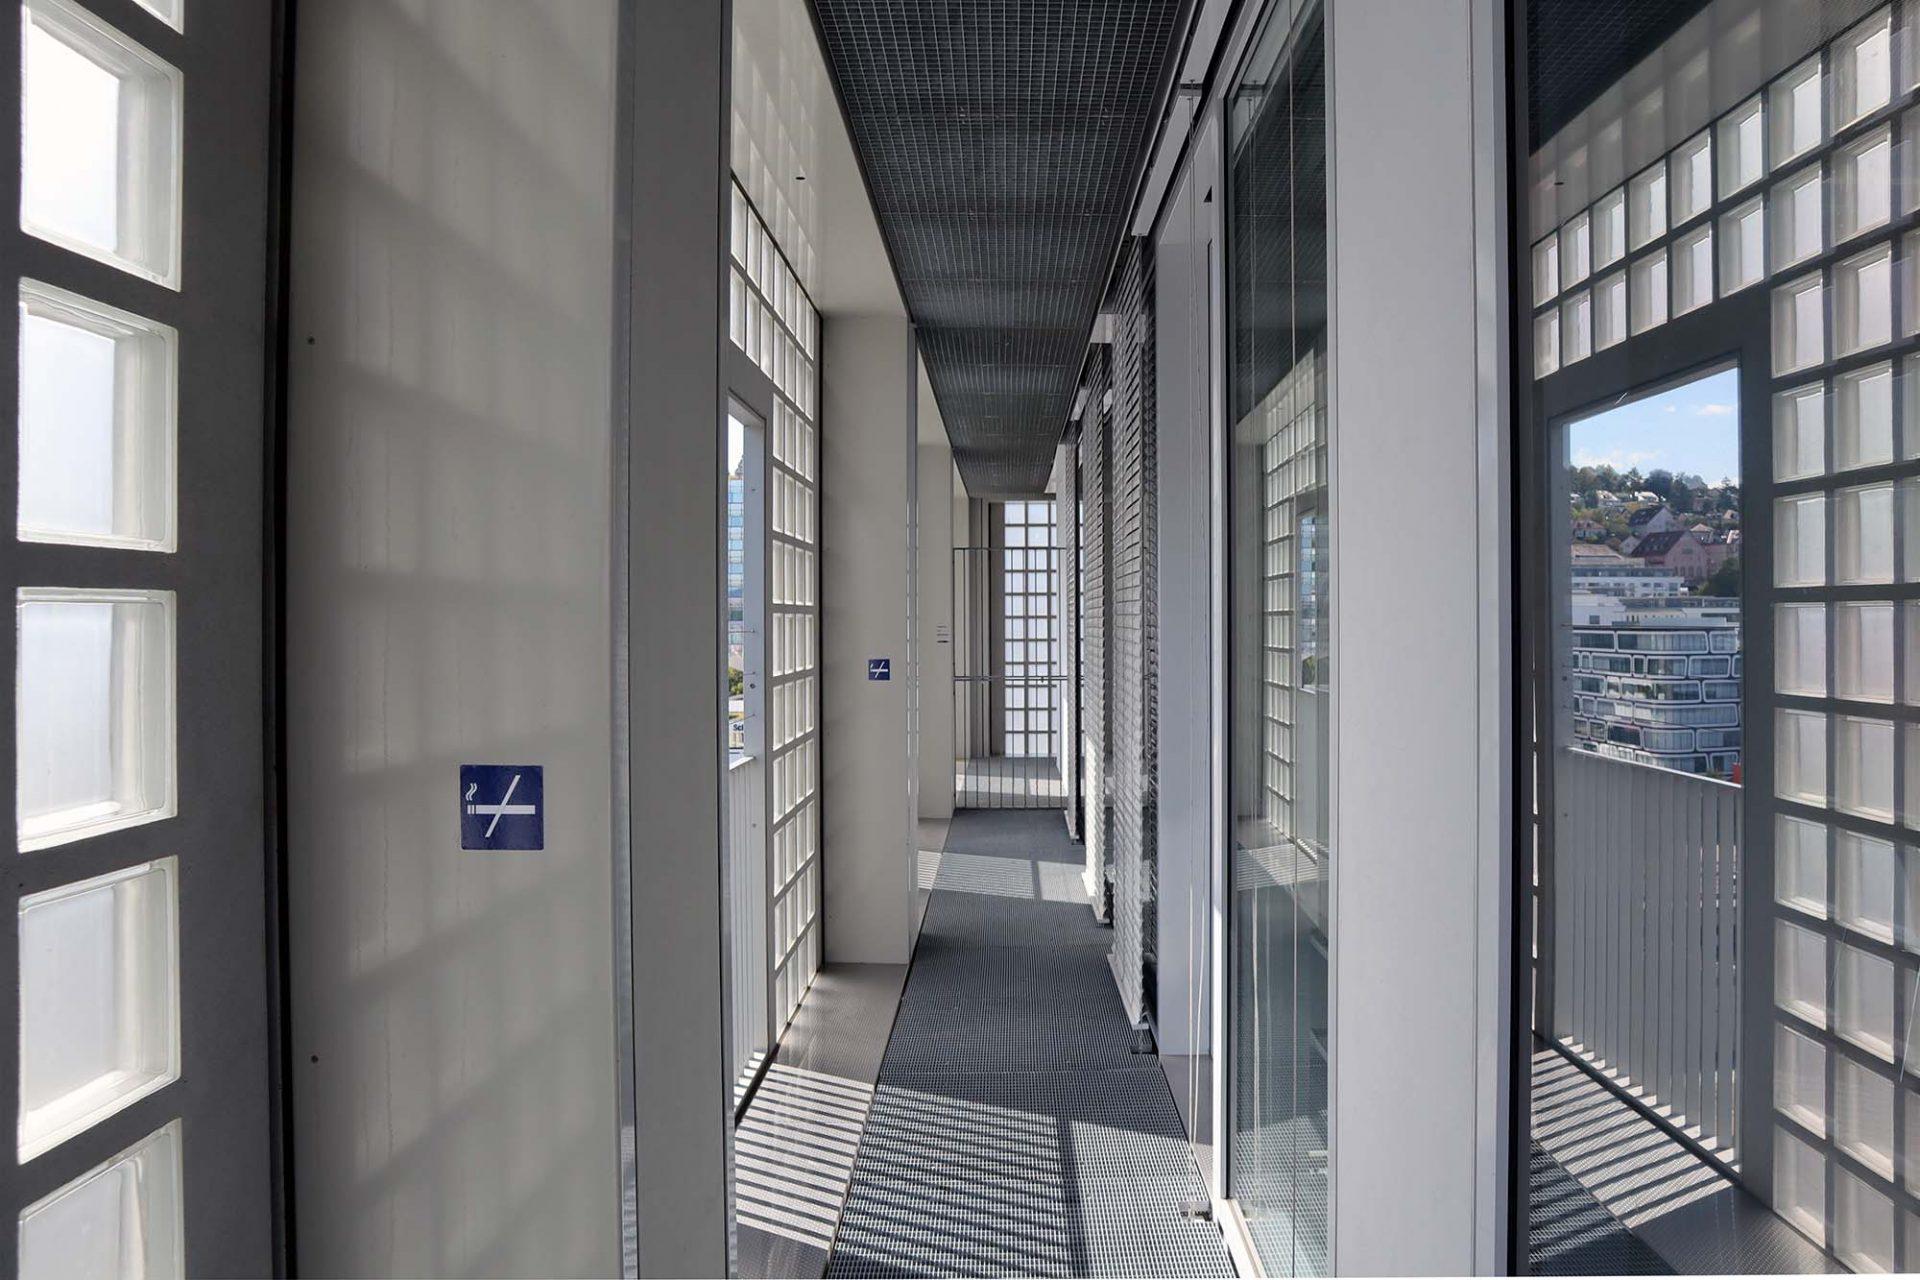 Stadtbibliothek. So oder so: der Bau ist beliebt und wurde 2013 ...